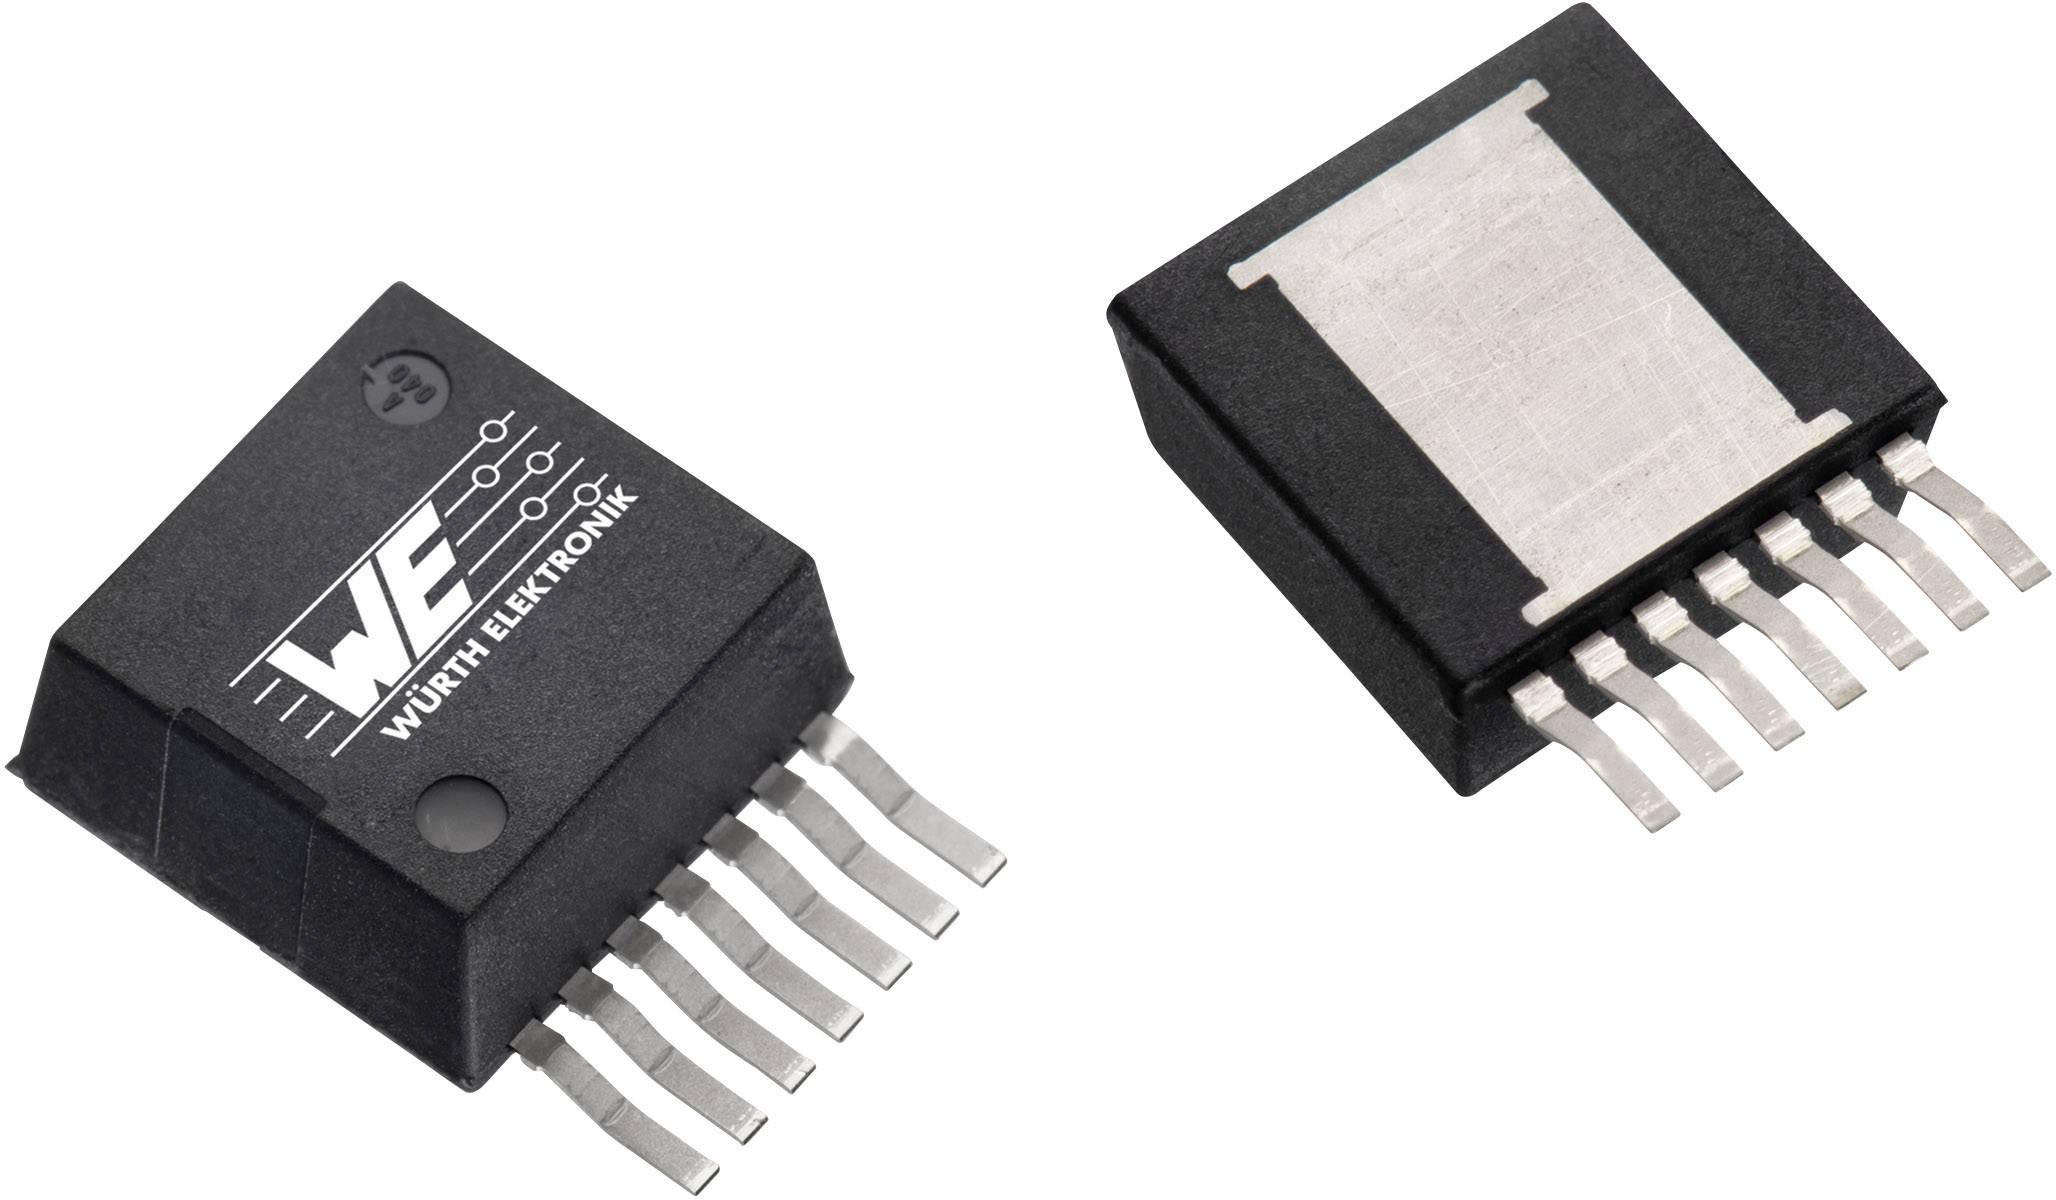 LED ovládač Würth Elektronik 172946001, 450 mA, prevádzkové napätie (max.) 60 V